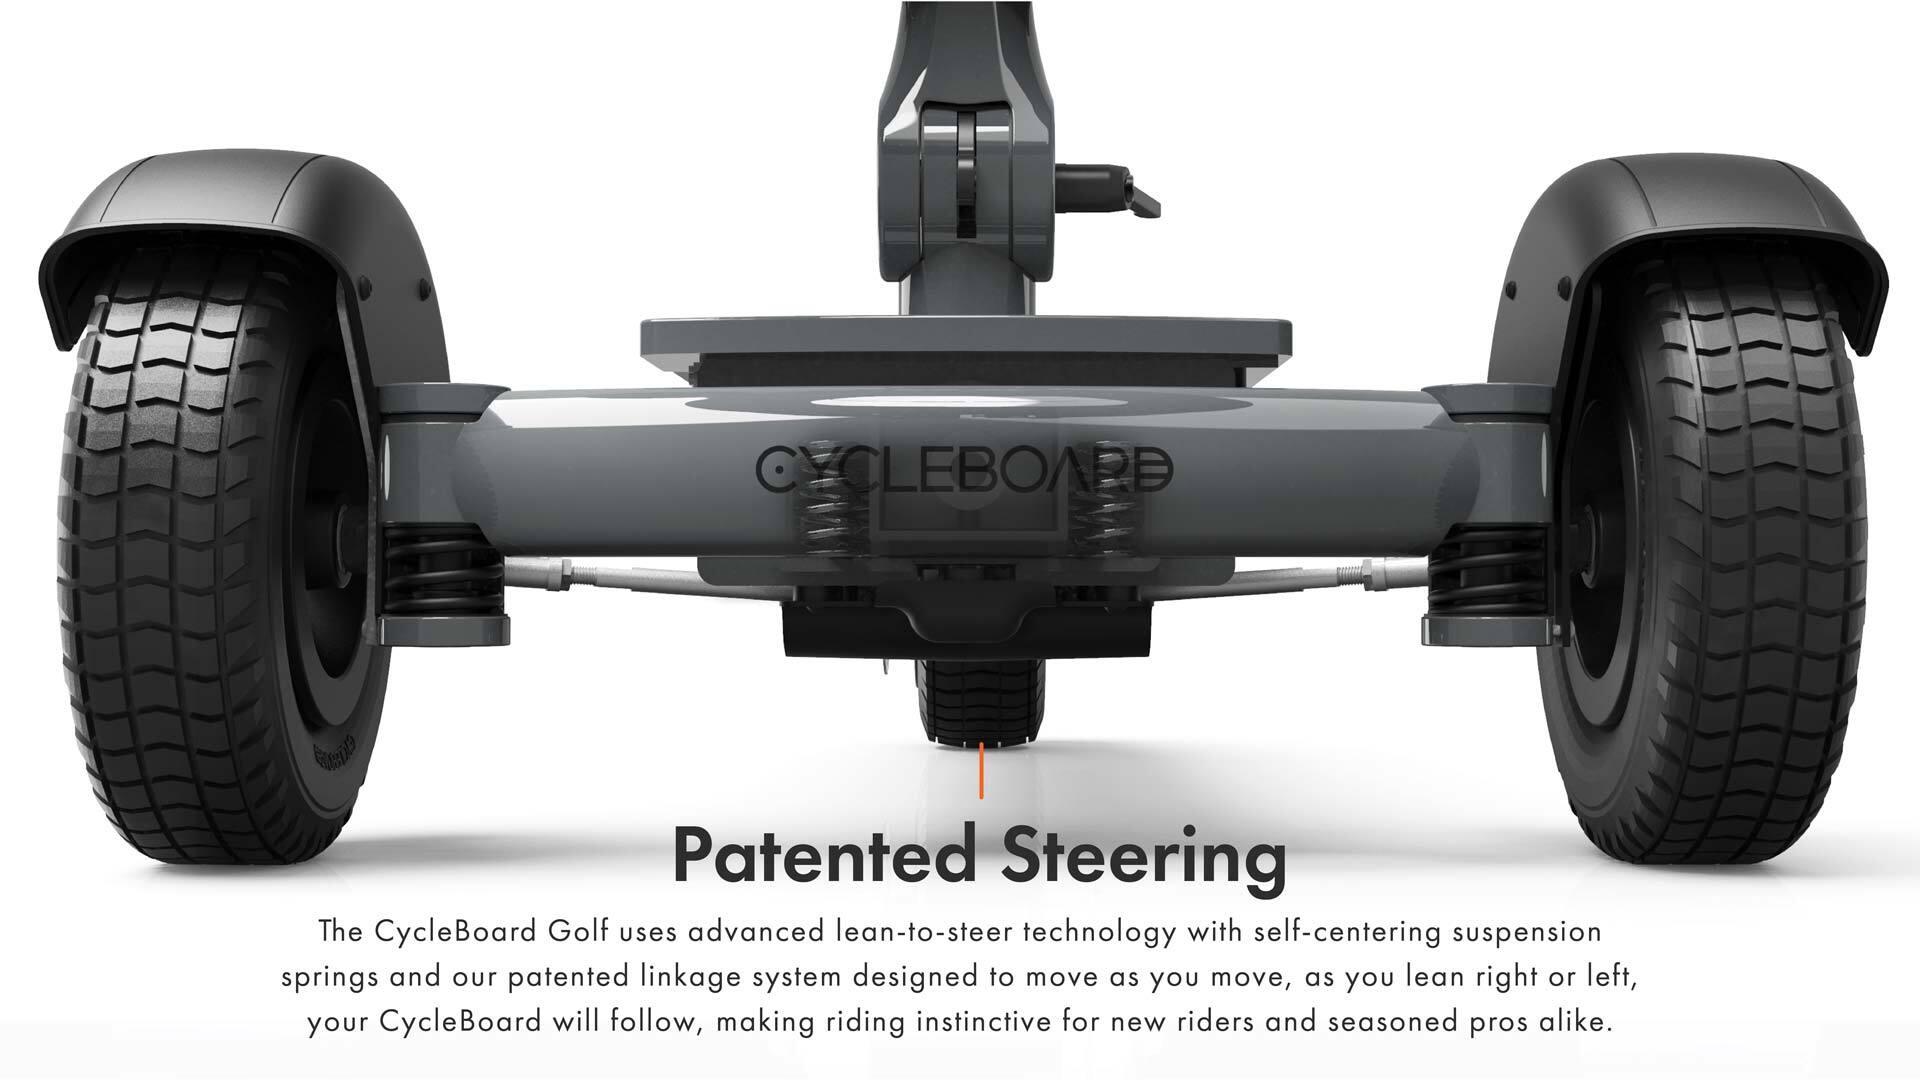 Patented Steering